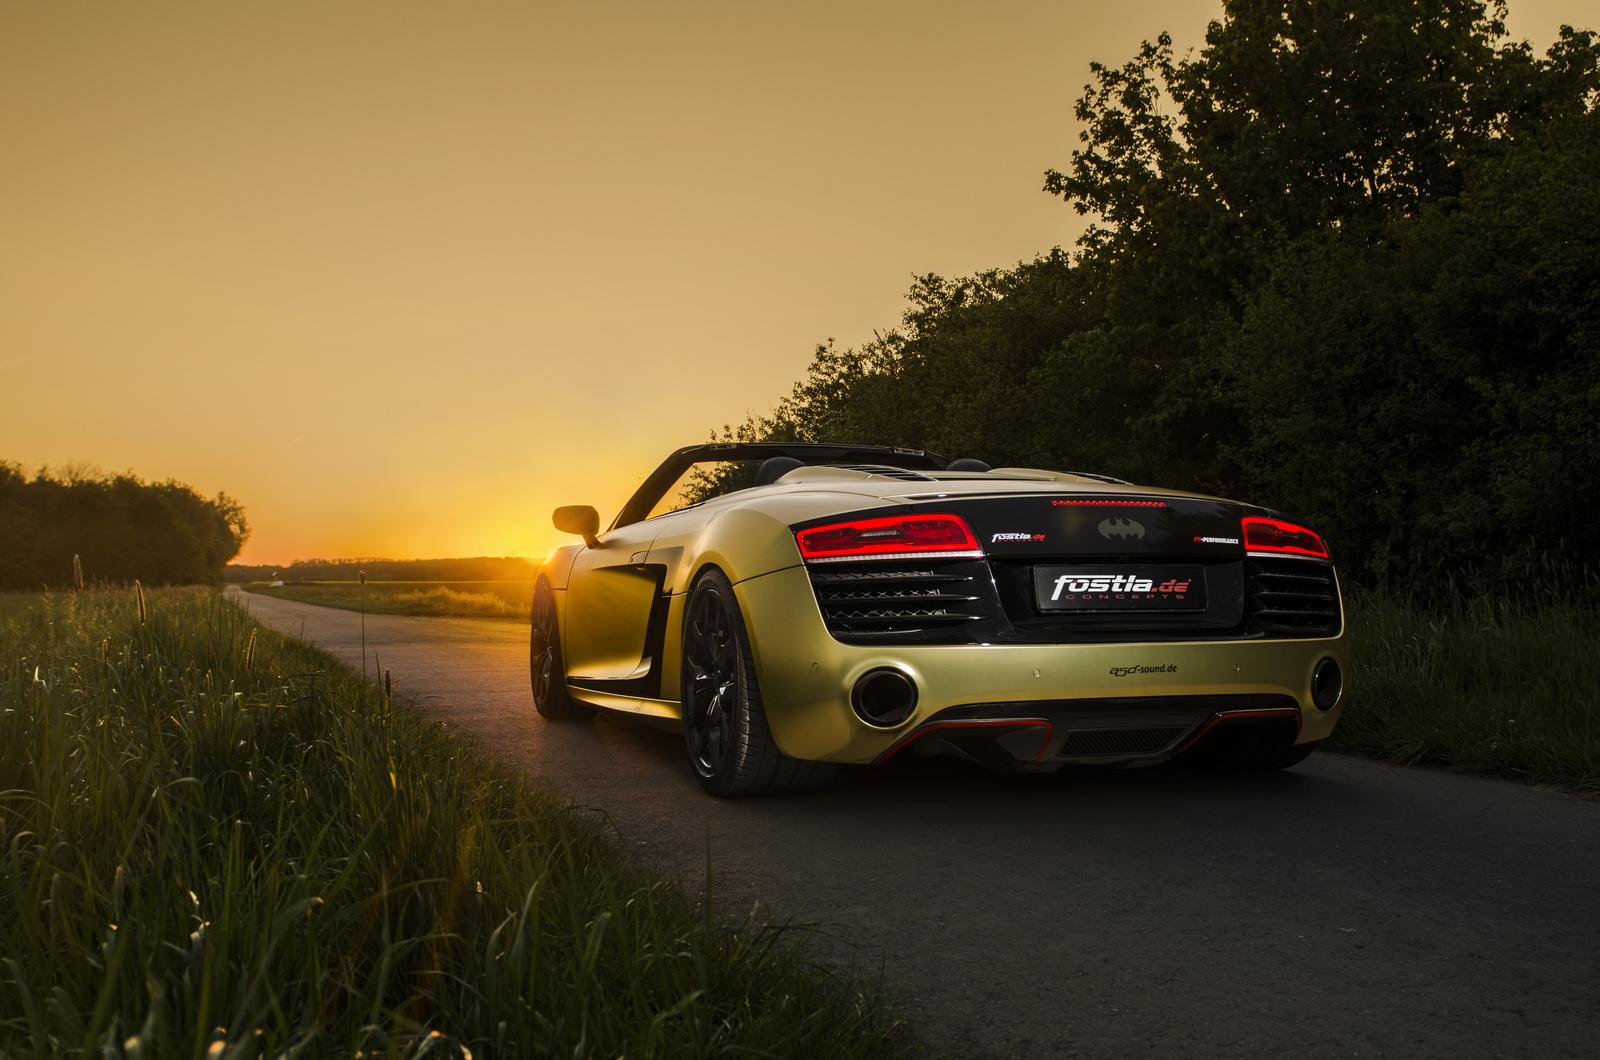 Audi R8 V10 Spyder by Fostla (9)